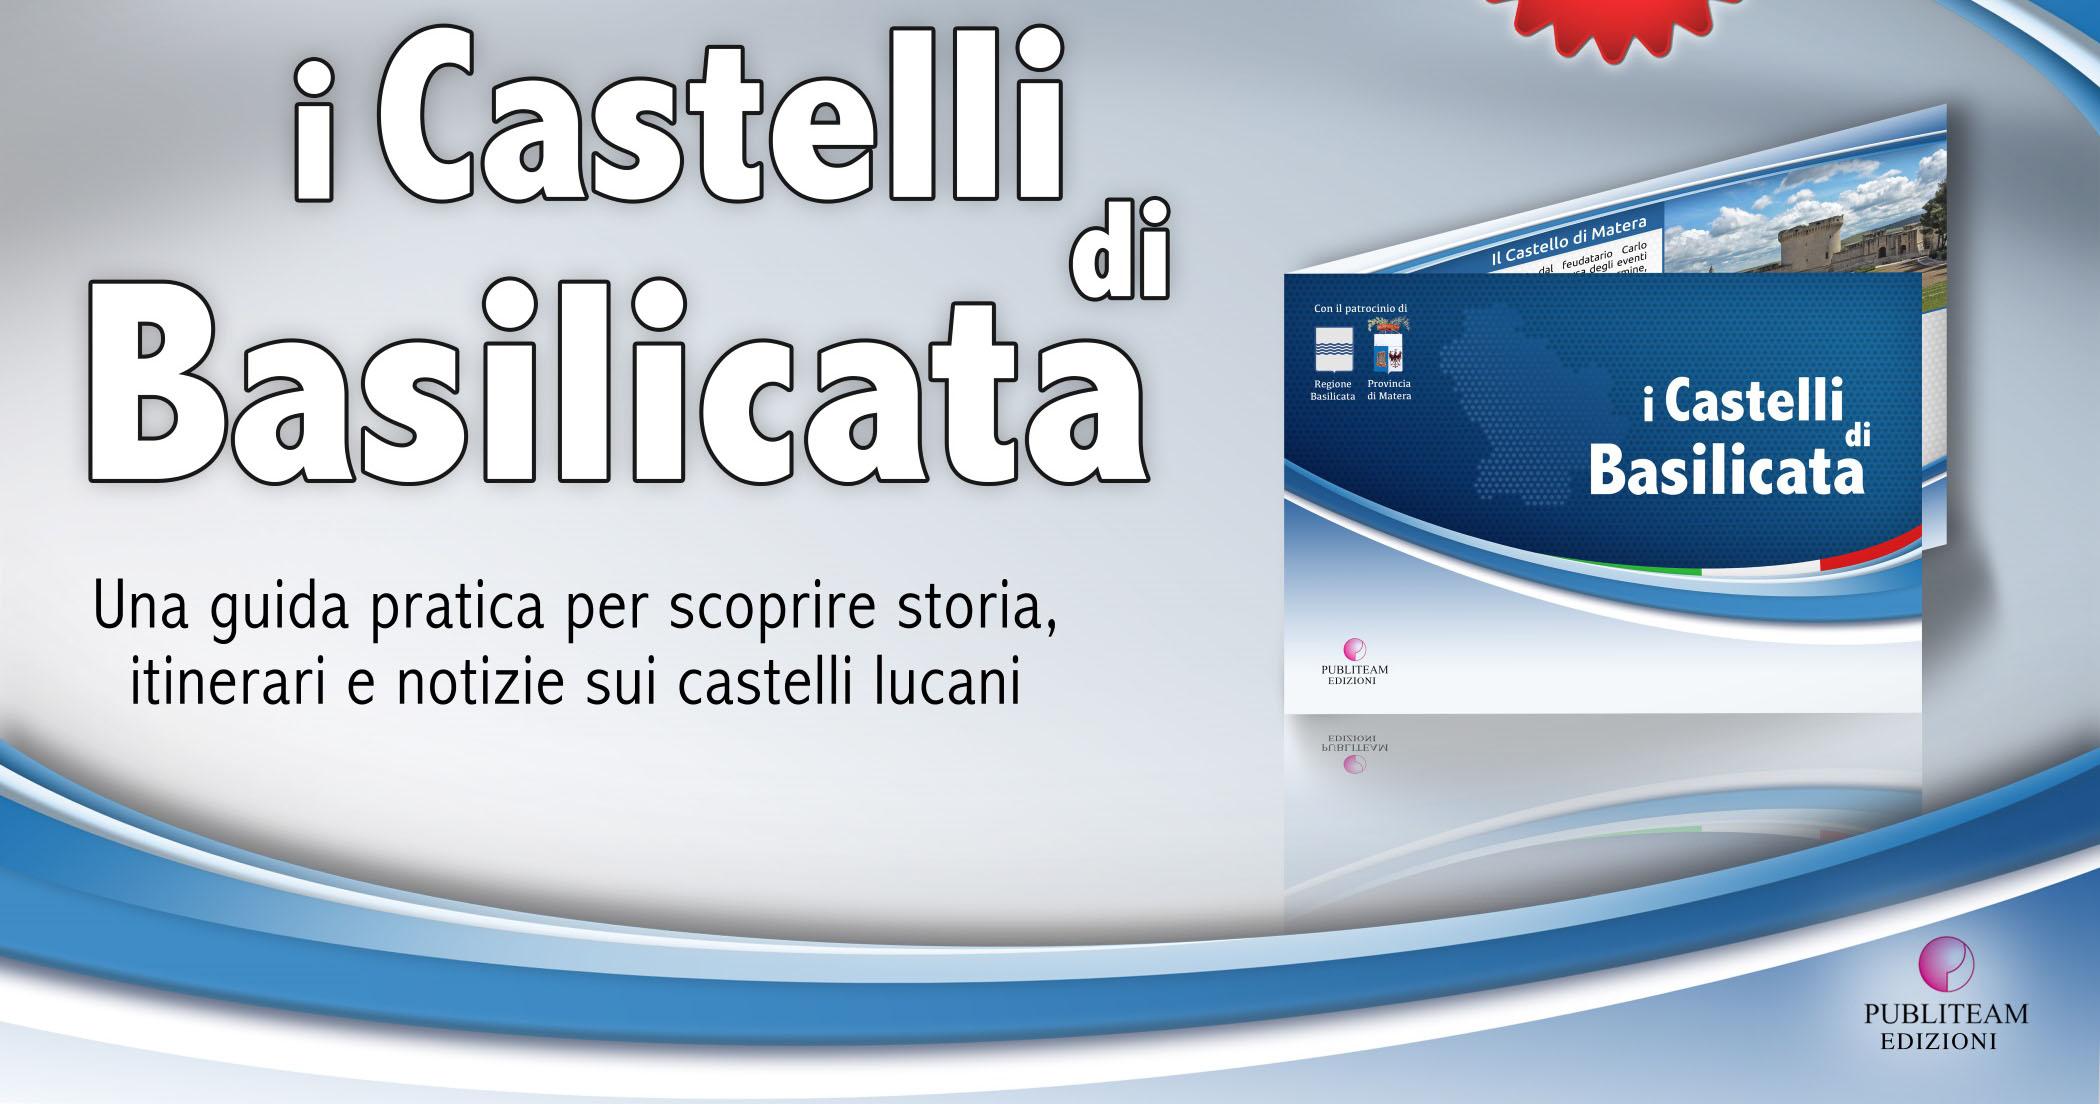 Salone libro, Ravera: 24 incontri allo stand del Lazio